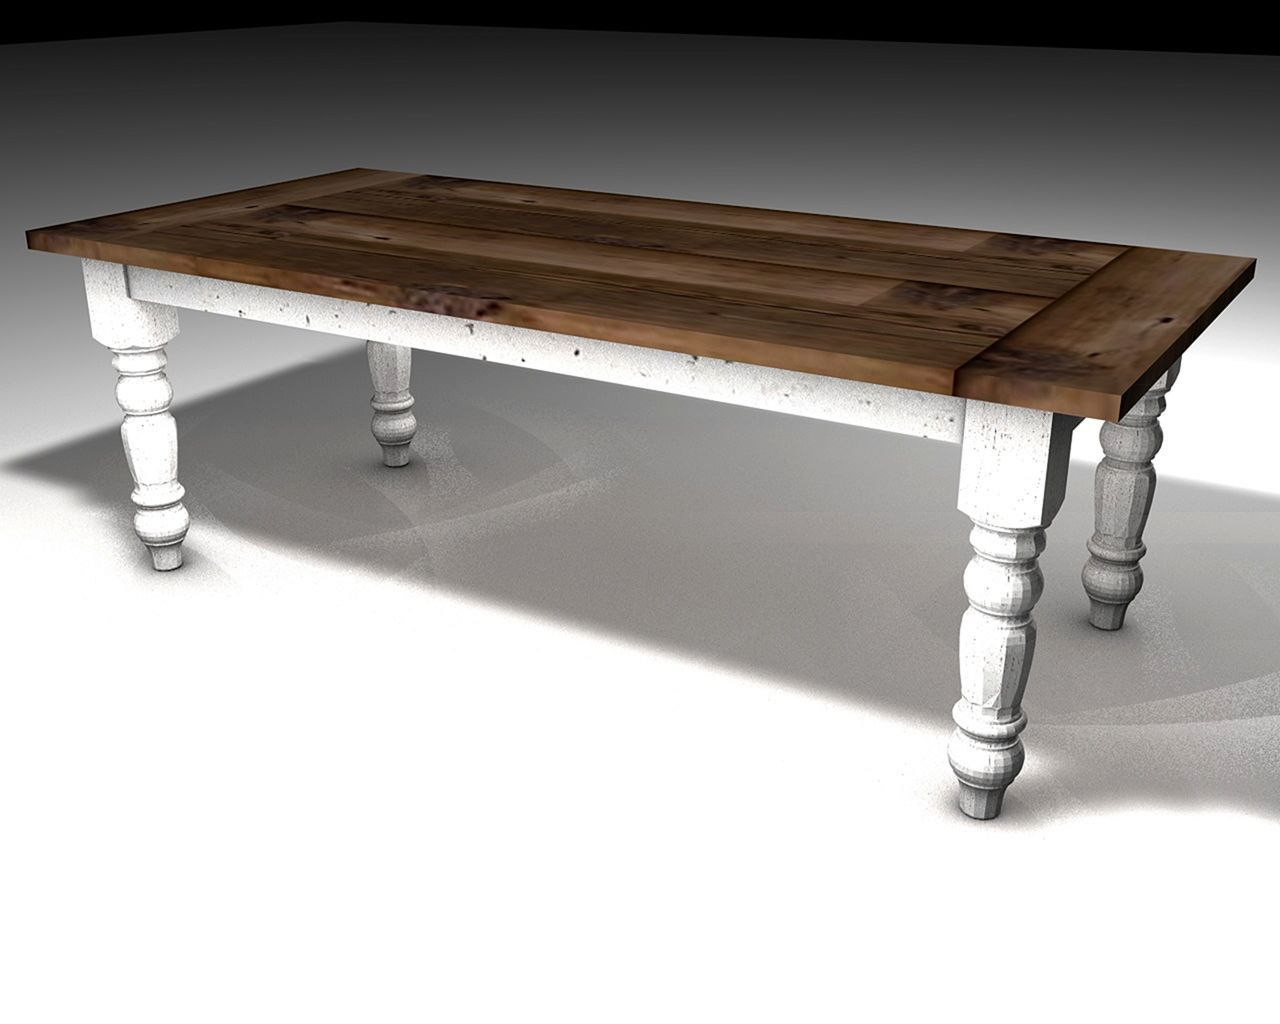 41+ Most Unique Farmhouse Table Design Ideas You Must Have